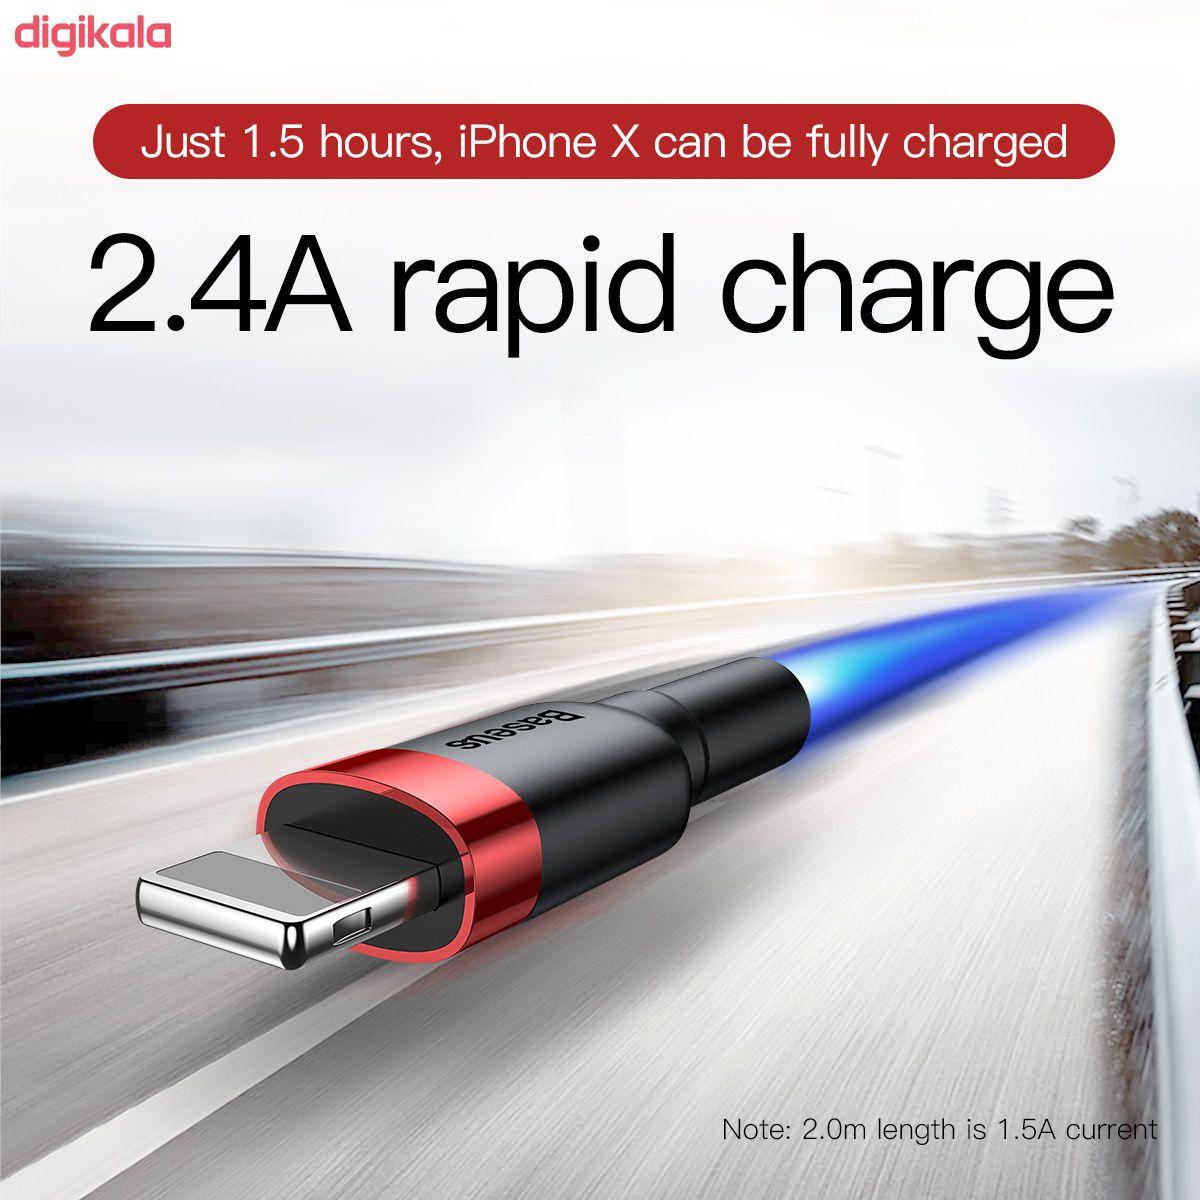 کابل تبدیل USB به لایتنینگ باسئوس مدل CALKLF-C19 Cafule طول 2 متر main 1 12